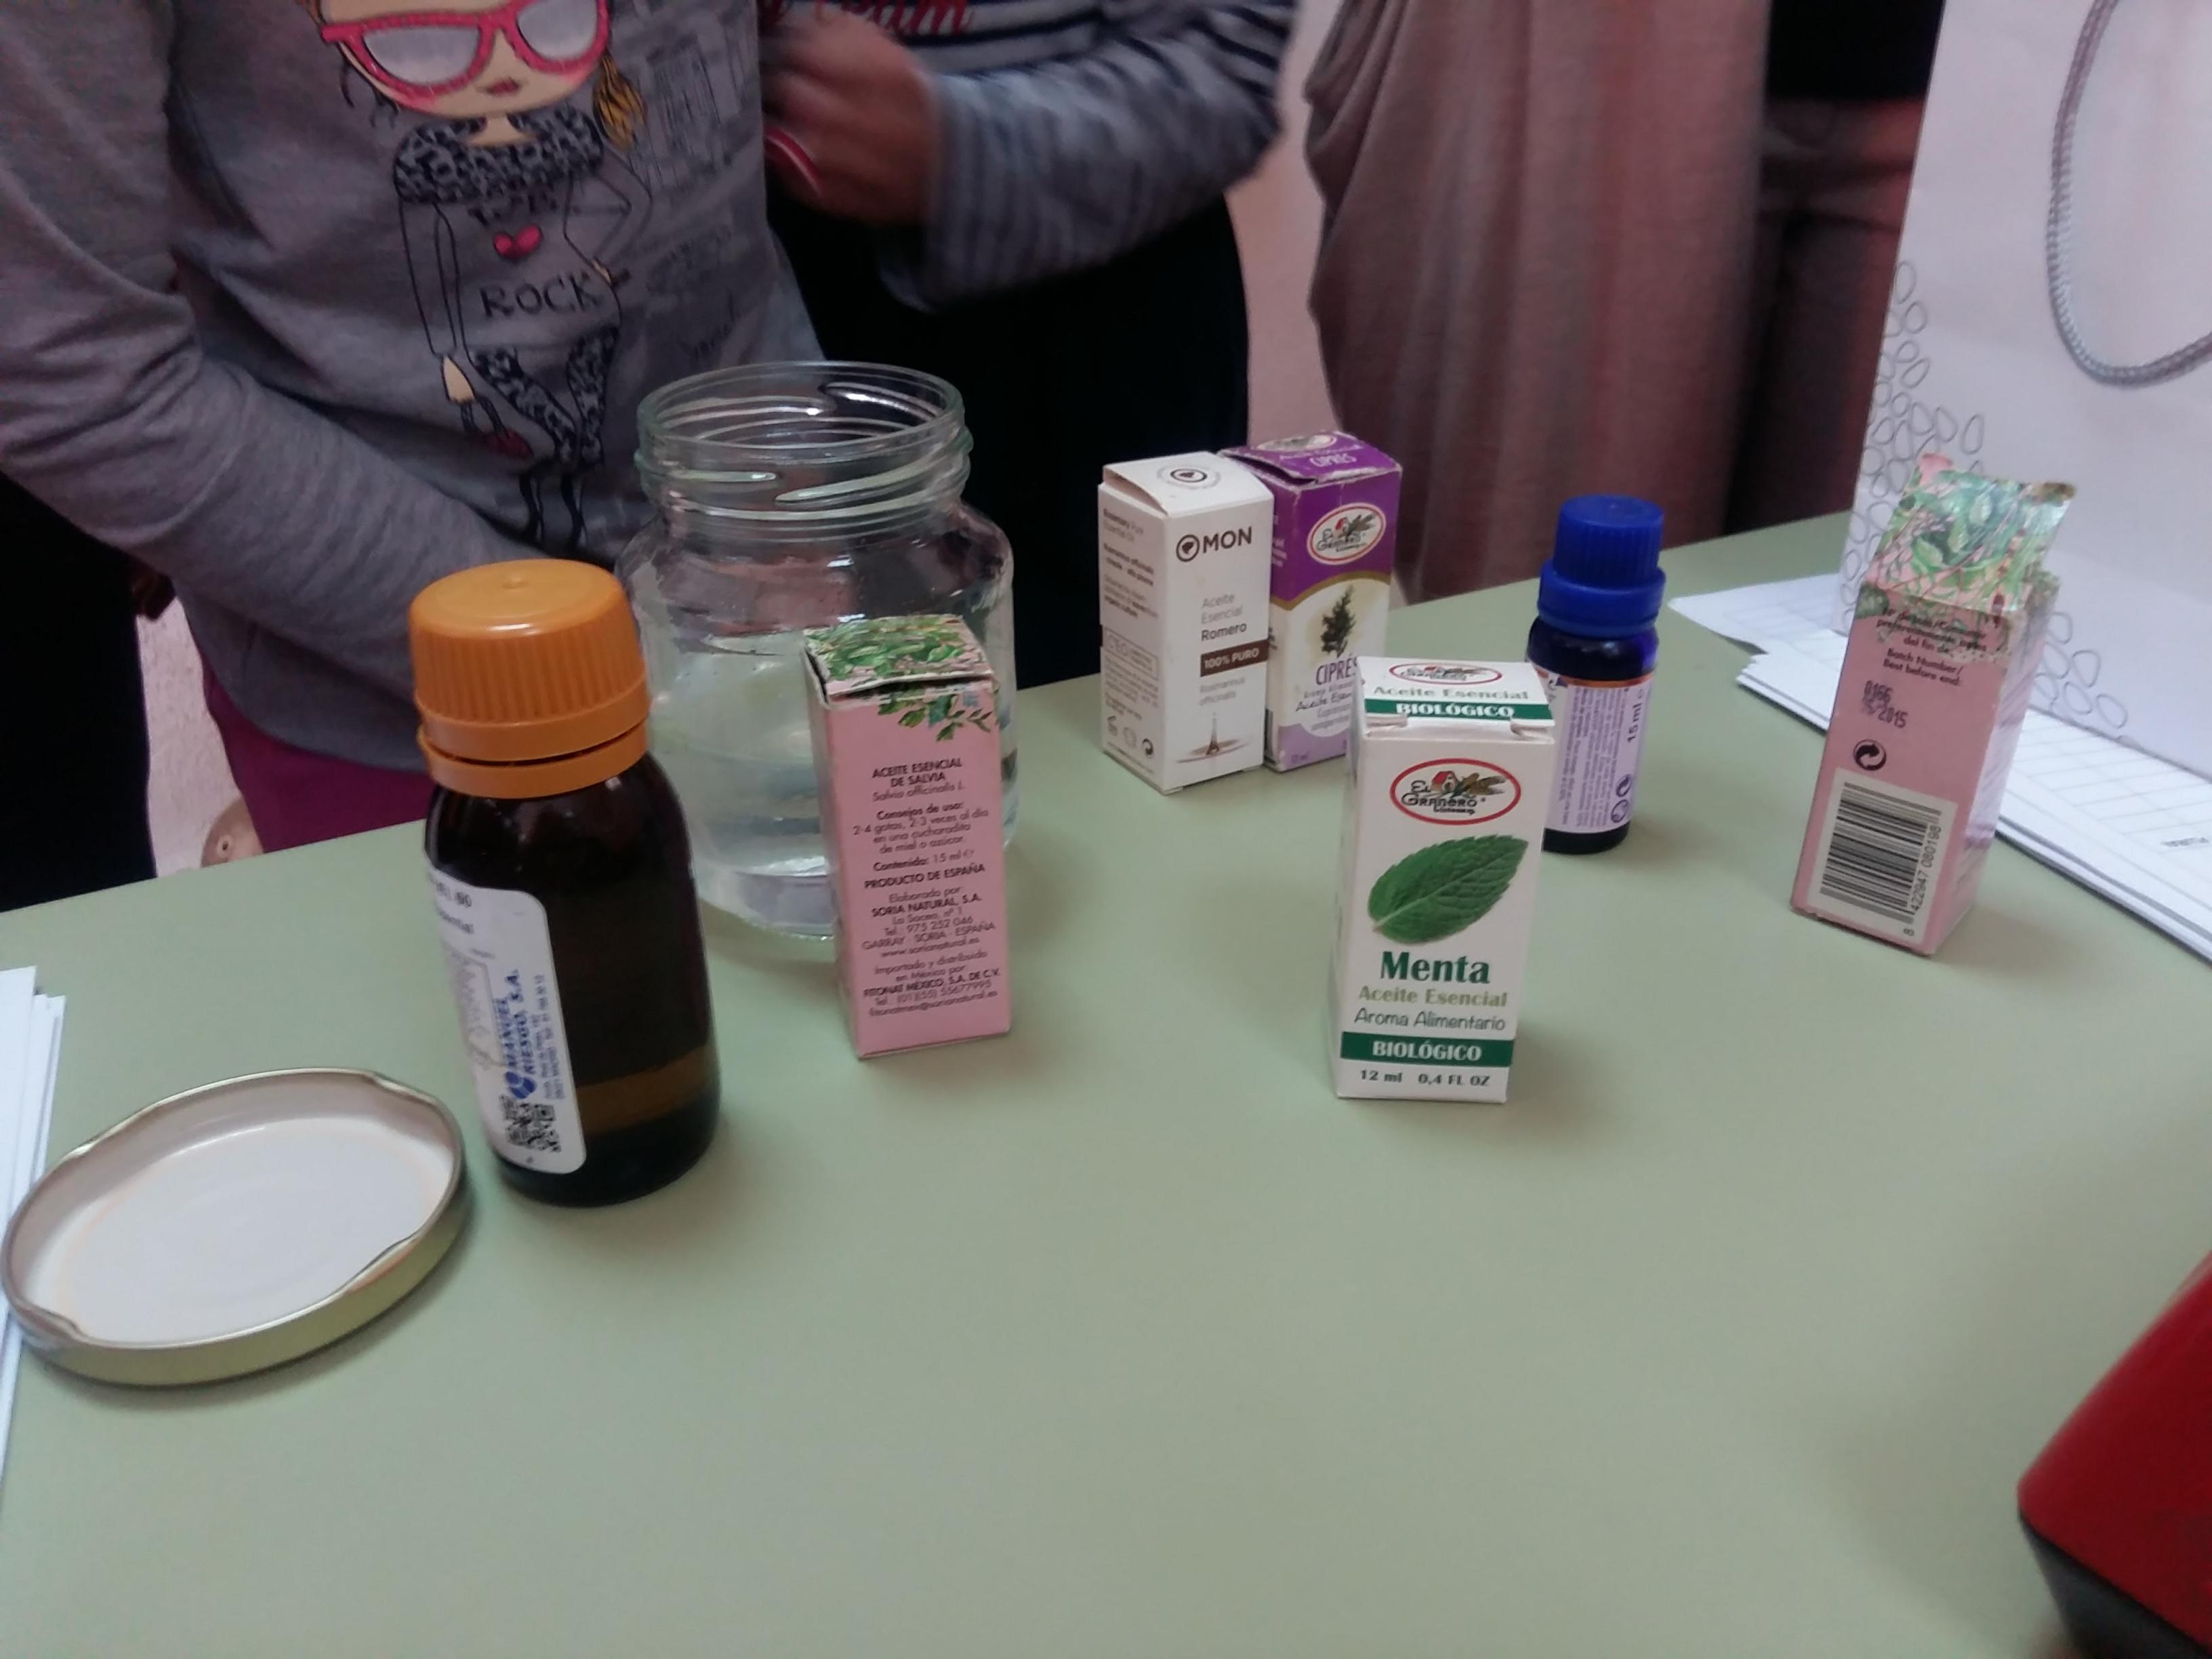 Science experiments. Parfum. 20